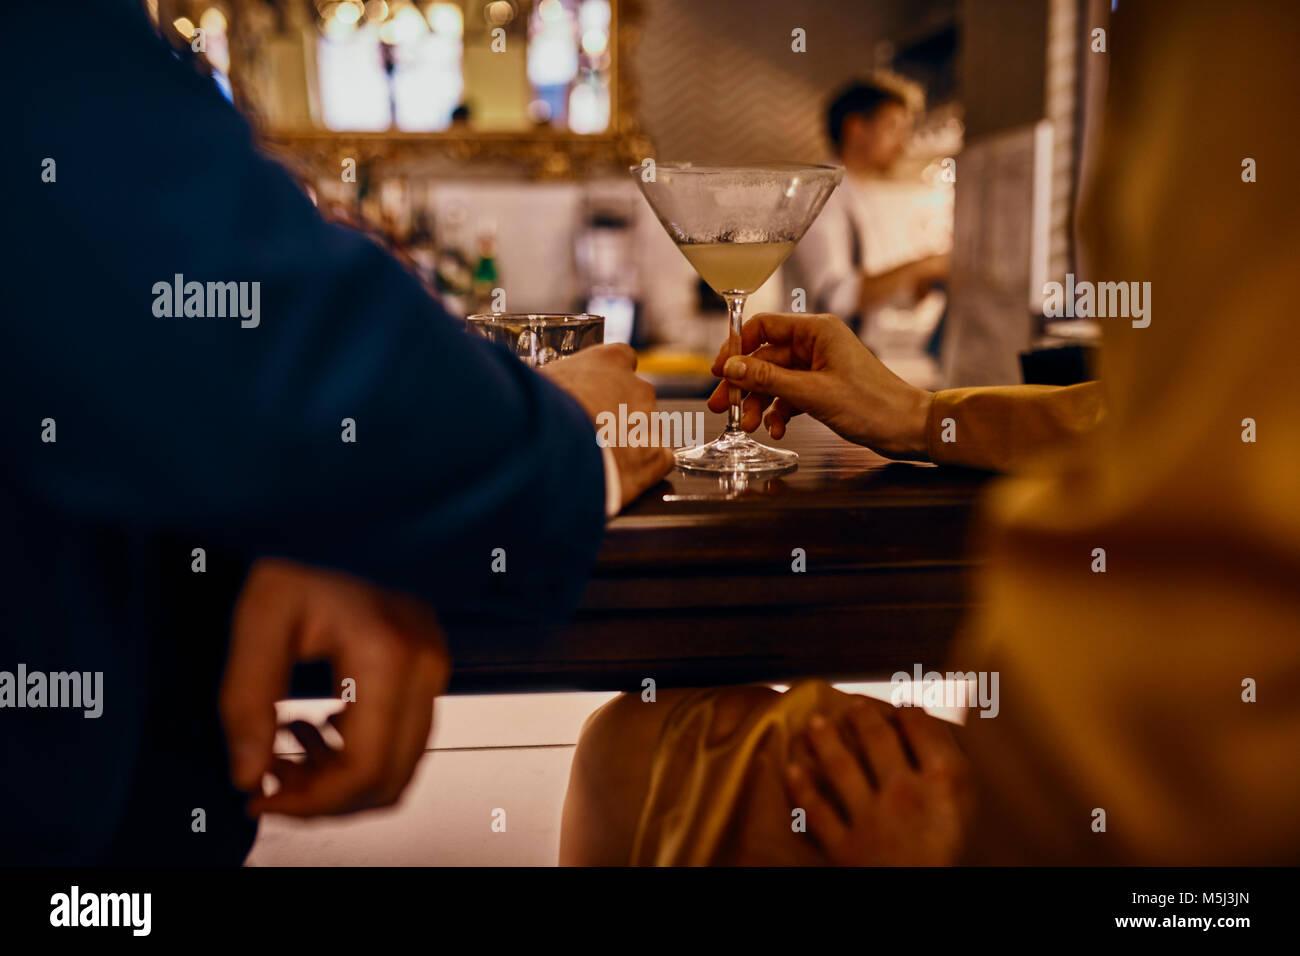 In der Nähe von eleganten Paar mit einem Drink an der Theke in der Bar Stockbild